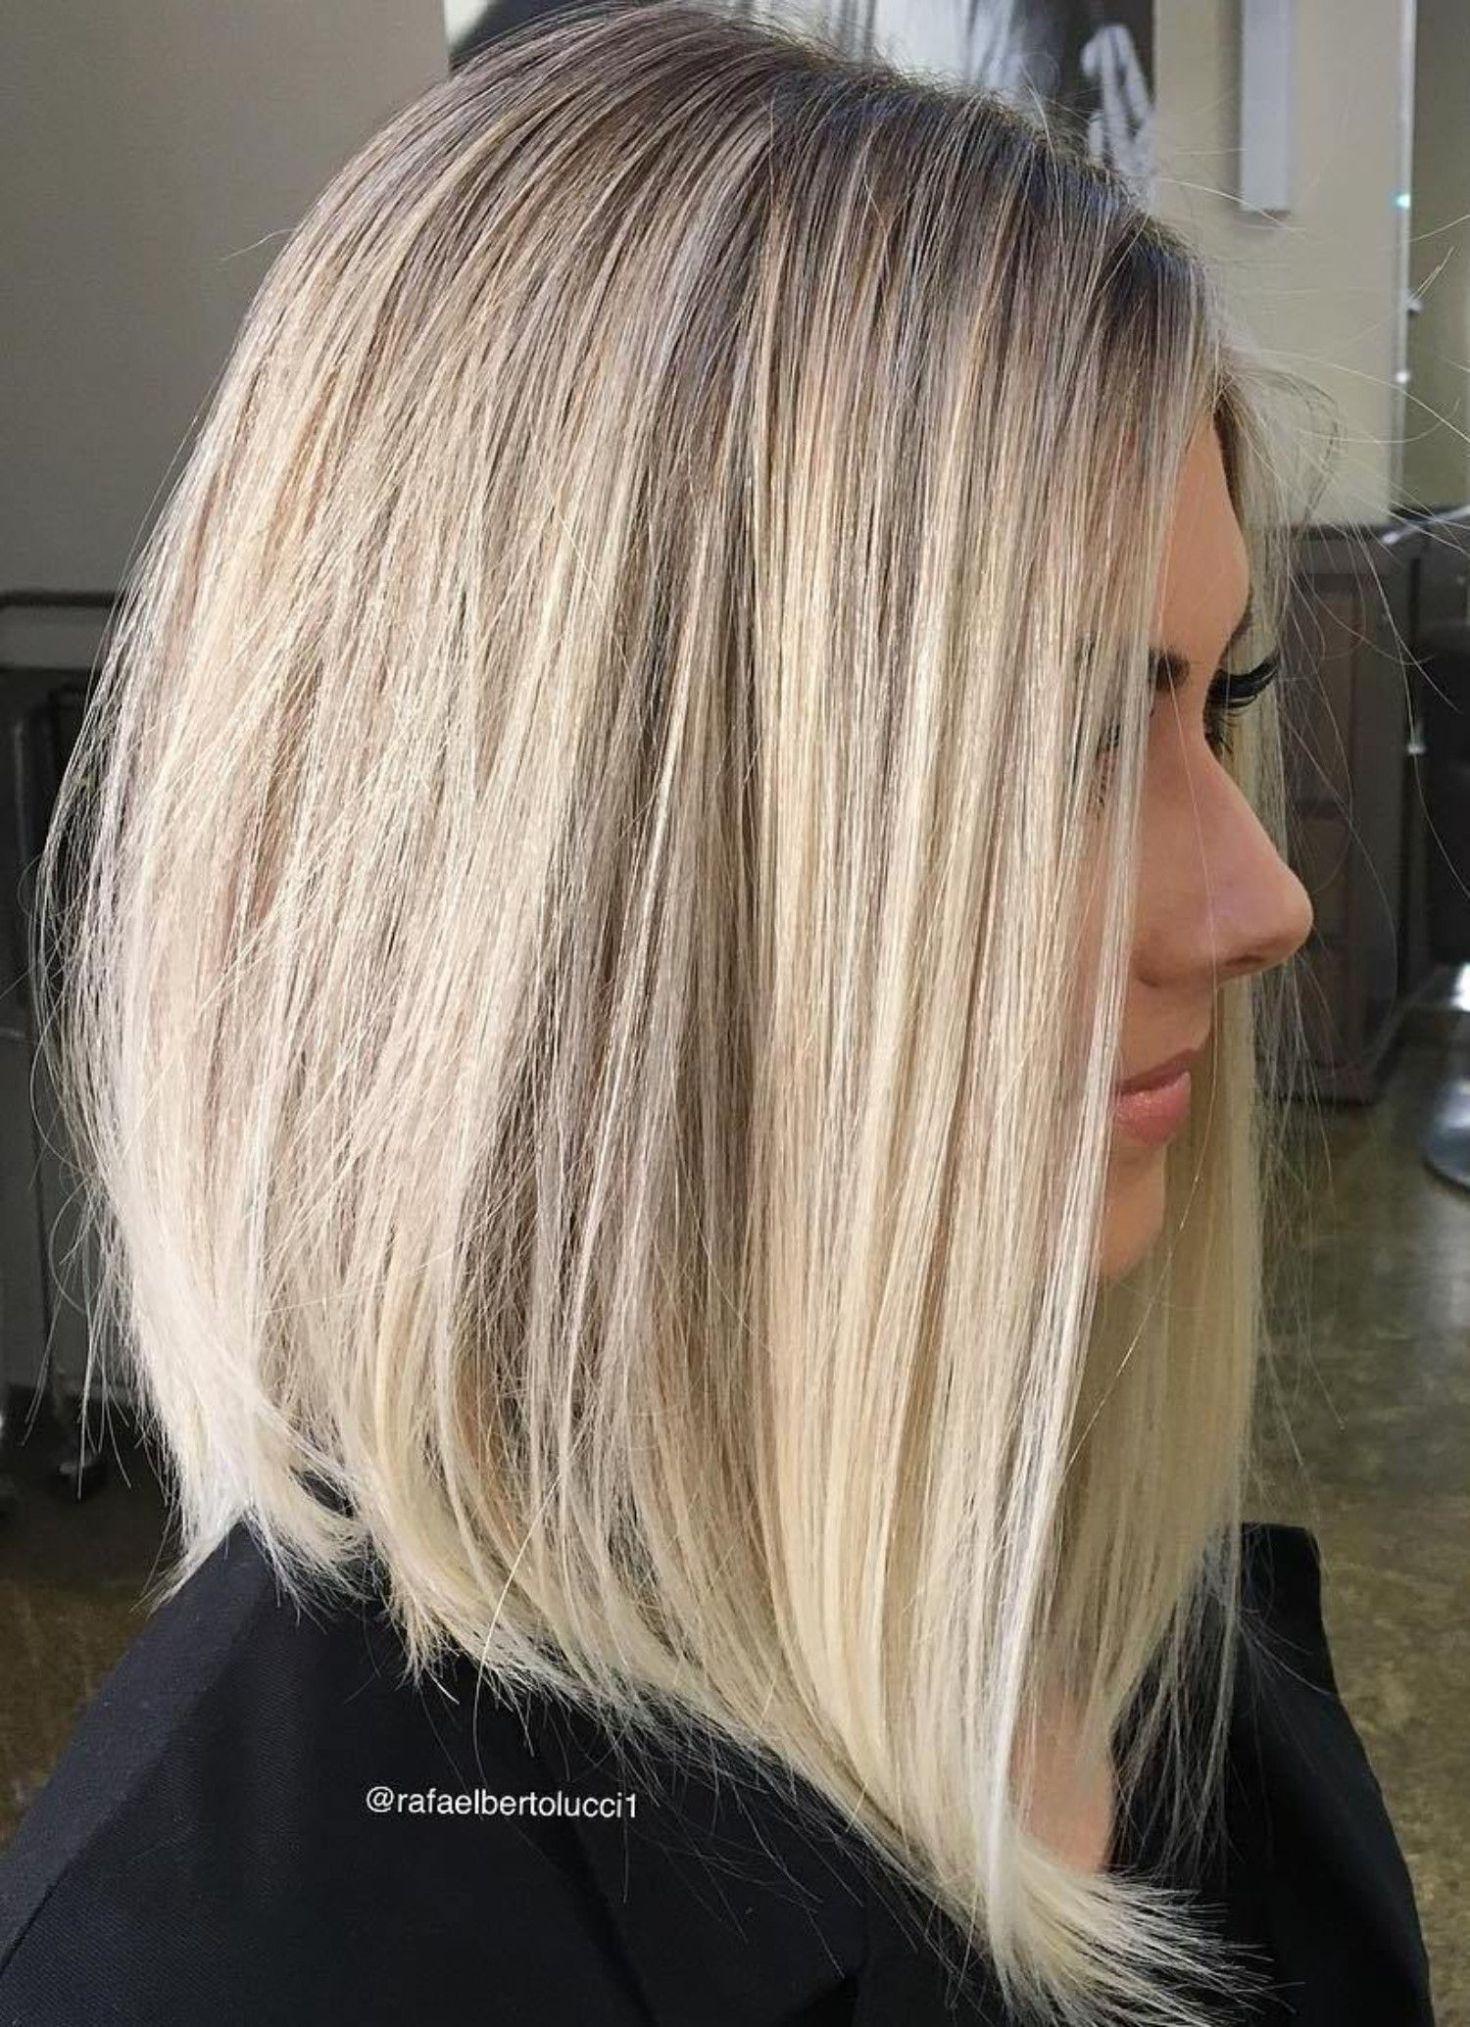 70 Devastatingly Cool Haircuts For Thin Hair Thin Hair Haircuts Bobs For Thin Hair Hairstyles For Thin Hair